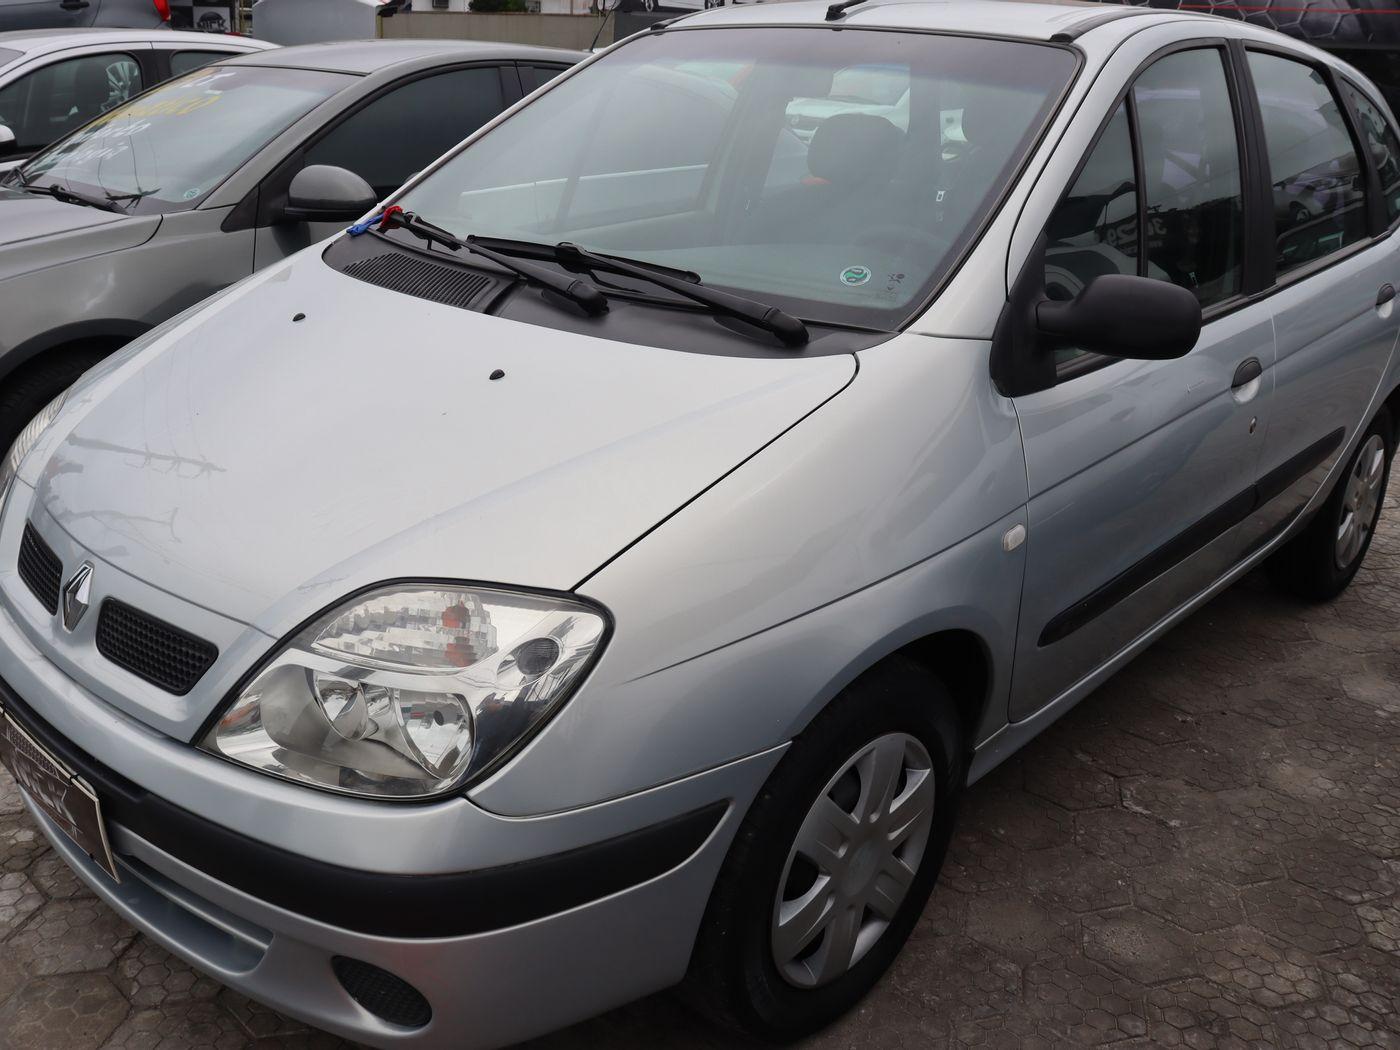 Renault Scénic RT/Auth/Auth/Kids Hi-Flex 1.6 16V